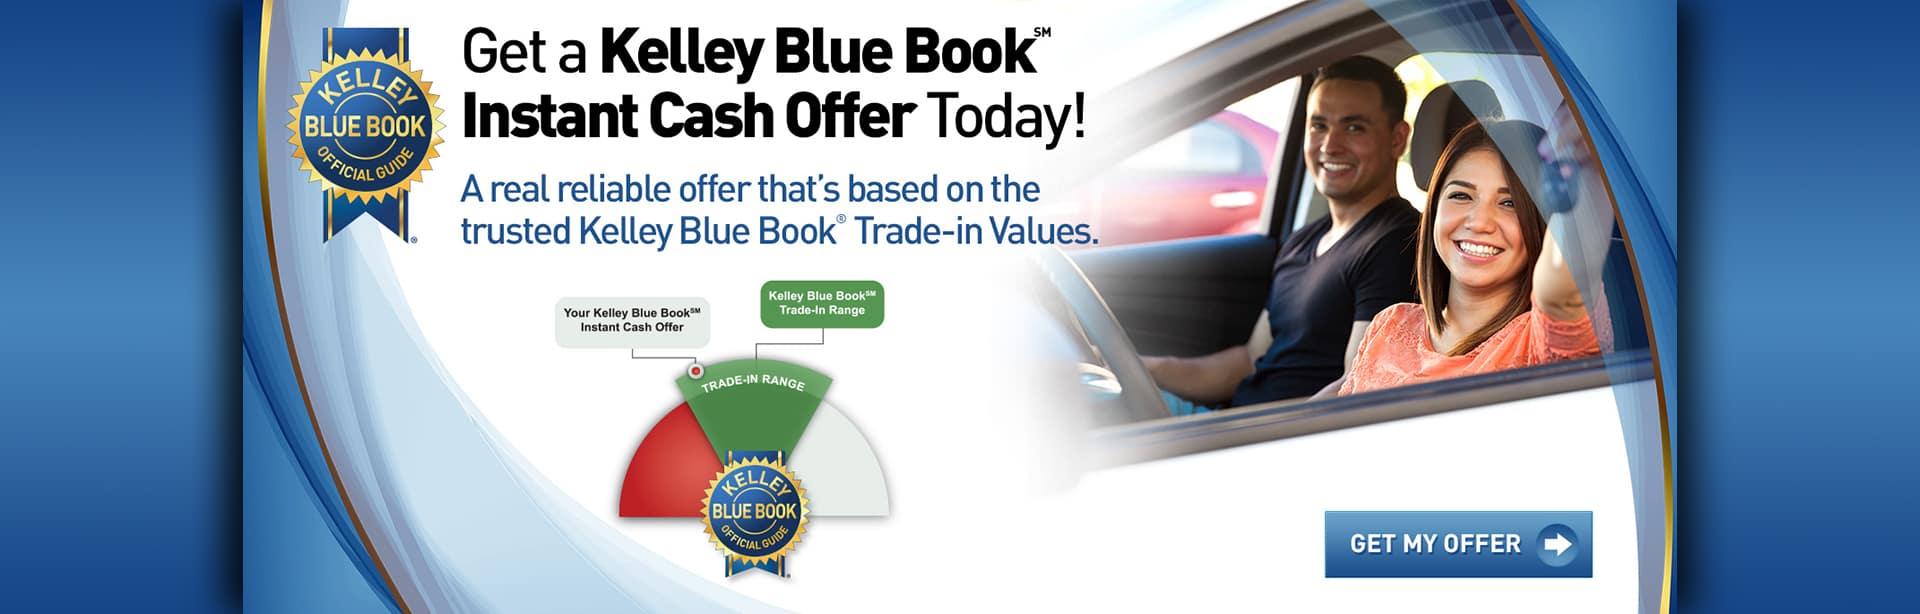 Instant Cash offer